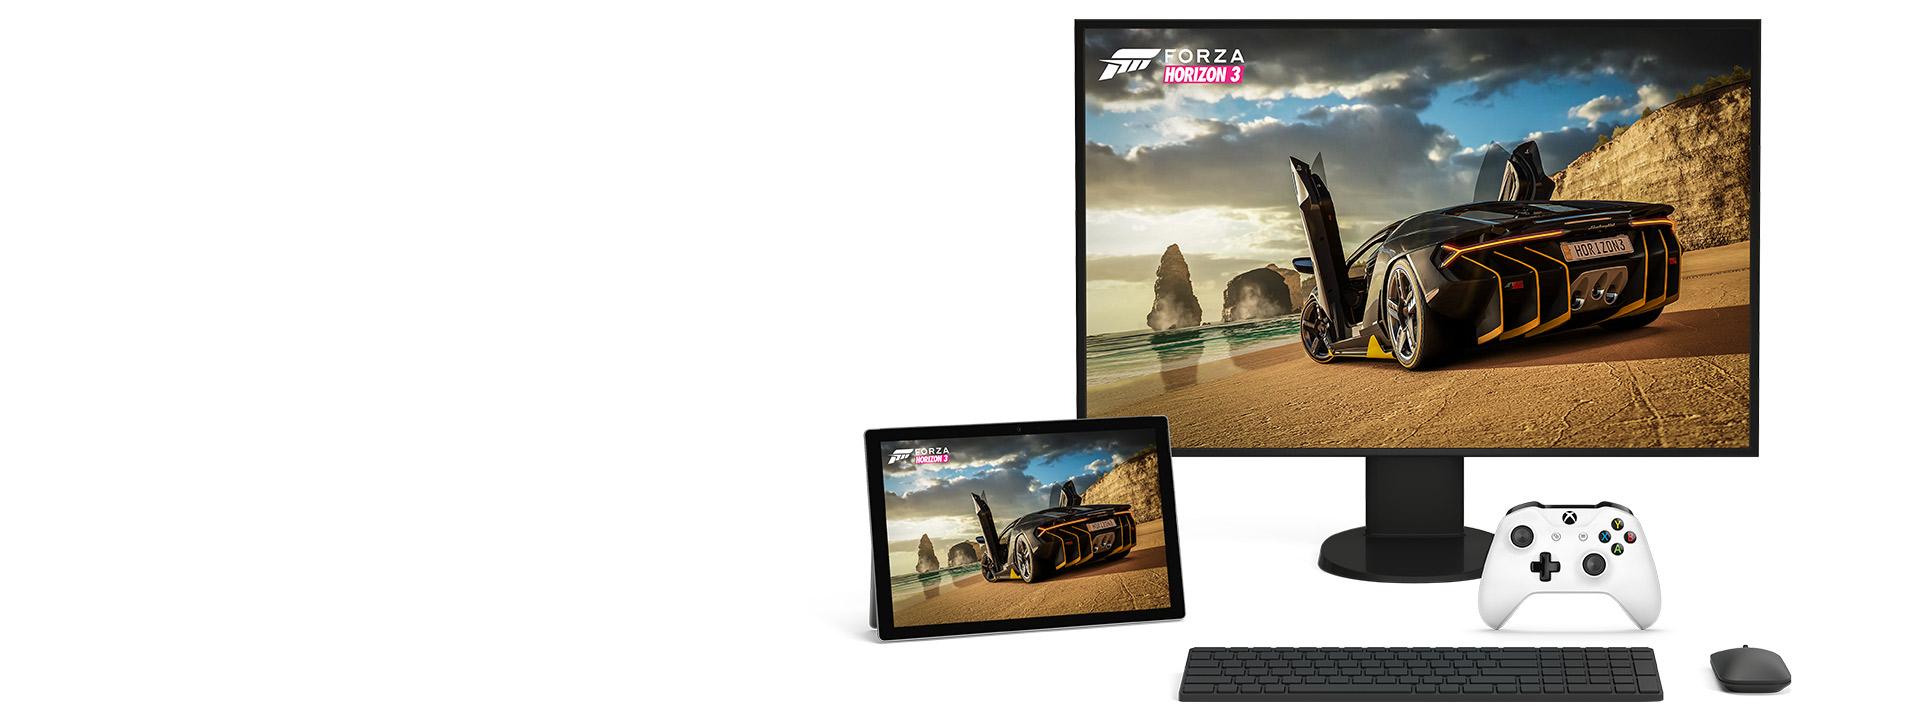 Xbox oyunu Forza Horizon 3 oynanan Microsoft Windows 10 kişisel bilgisayarı ve tablet